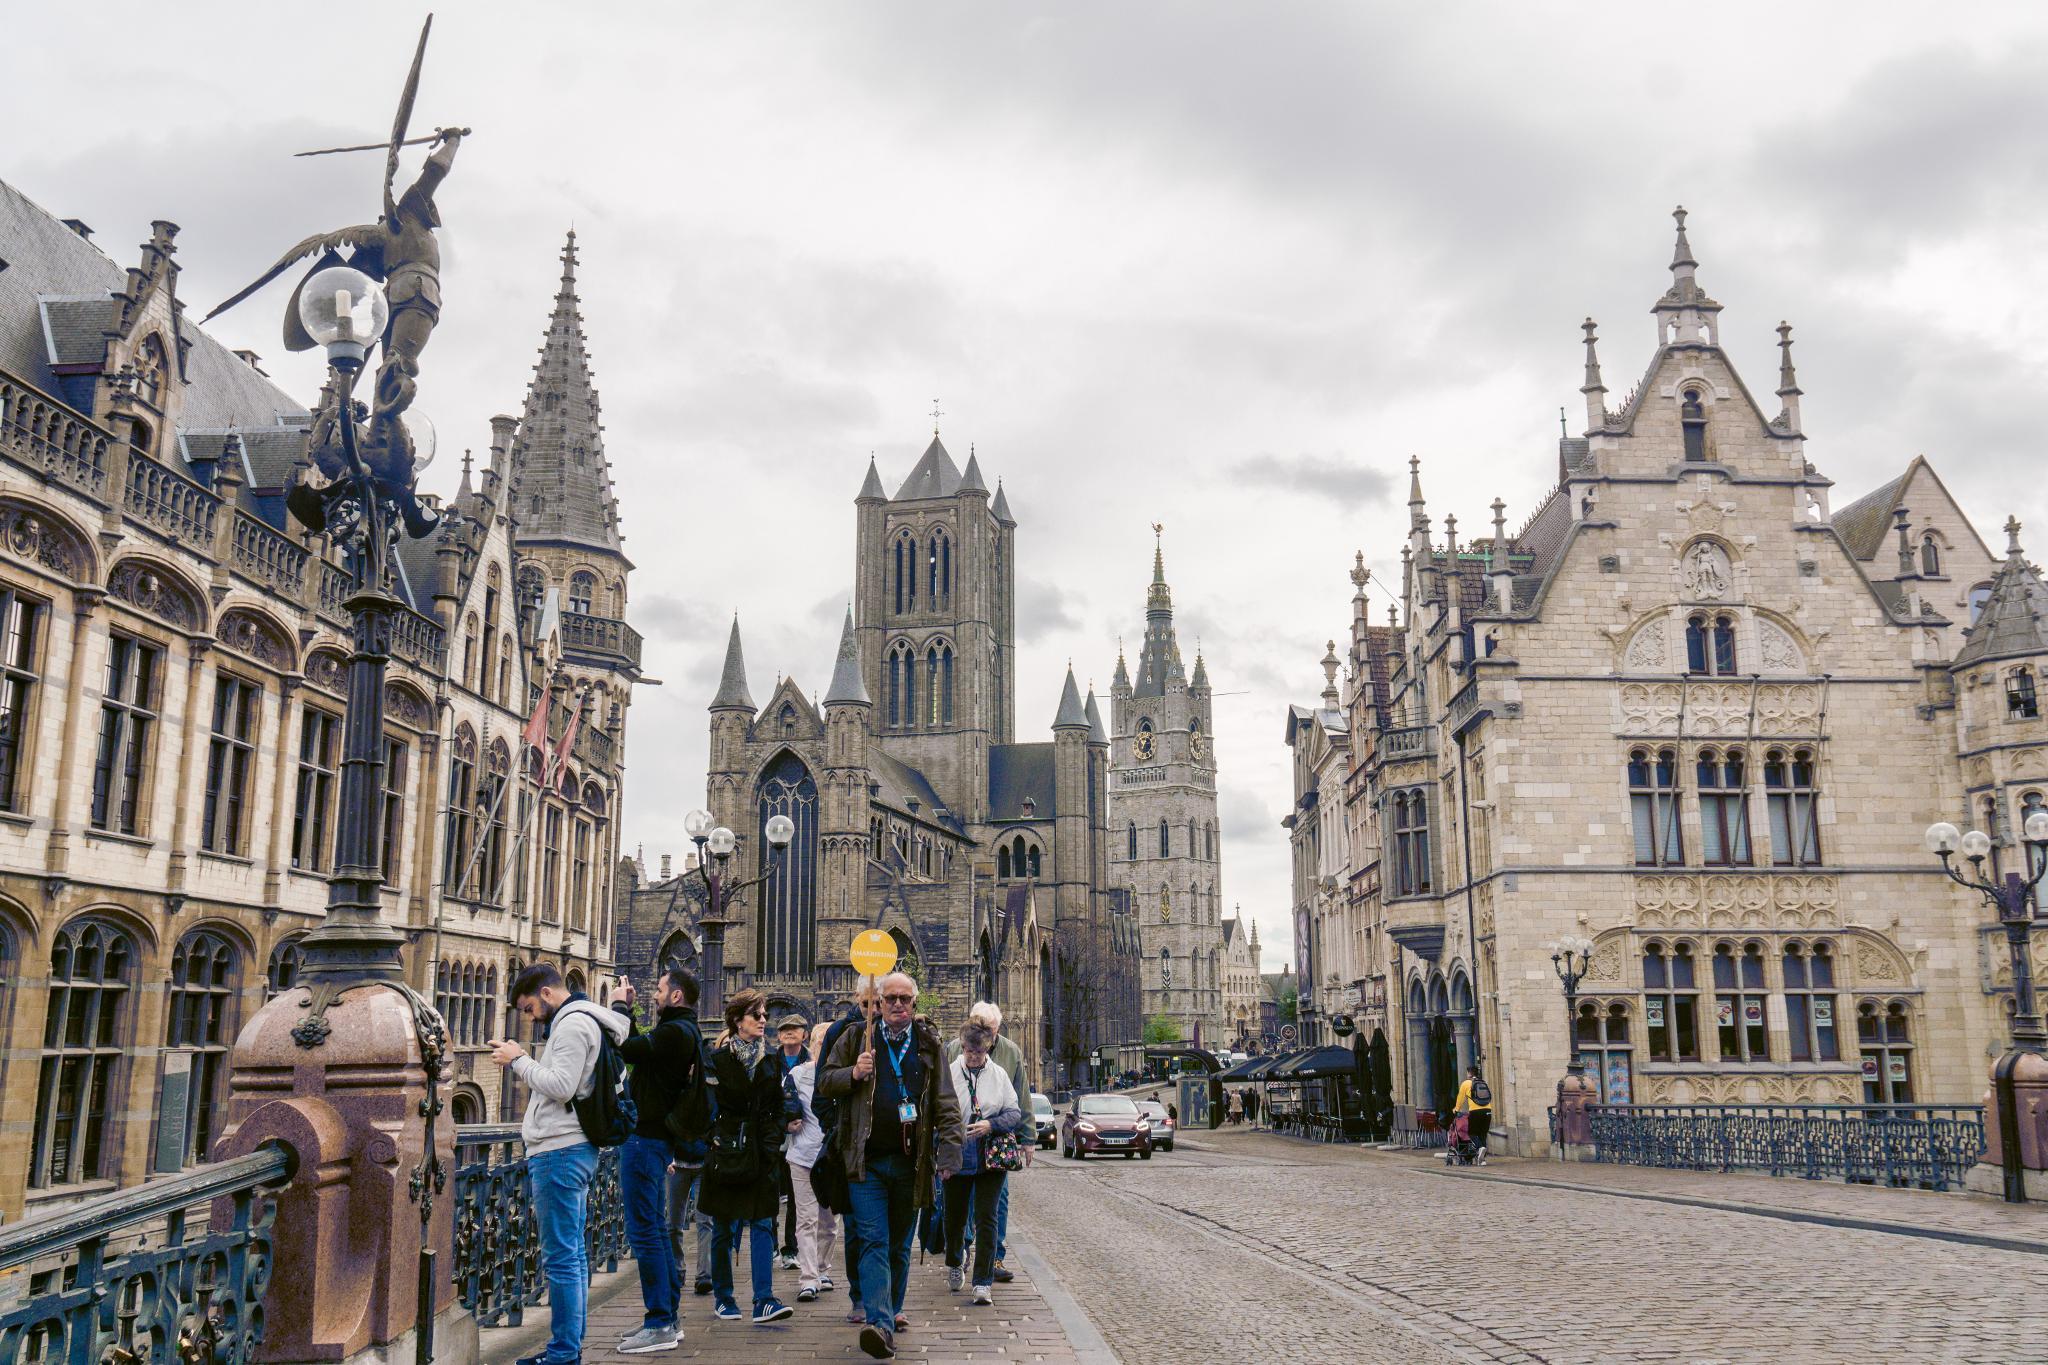 【比利時】穿梭中世紀的大城小事 — 比利時根特 (Ghent) 散步景點總整理 85